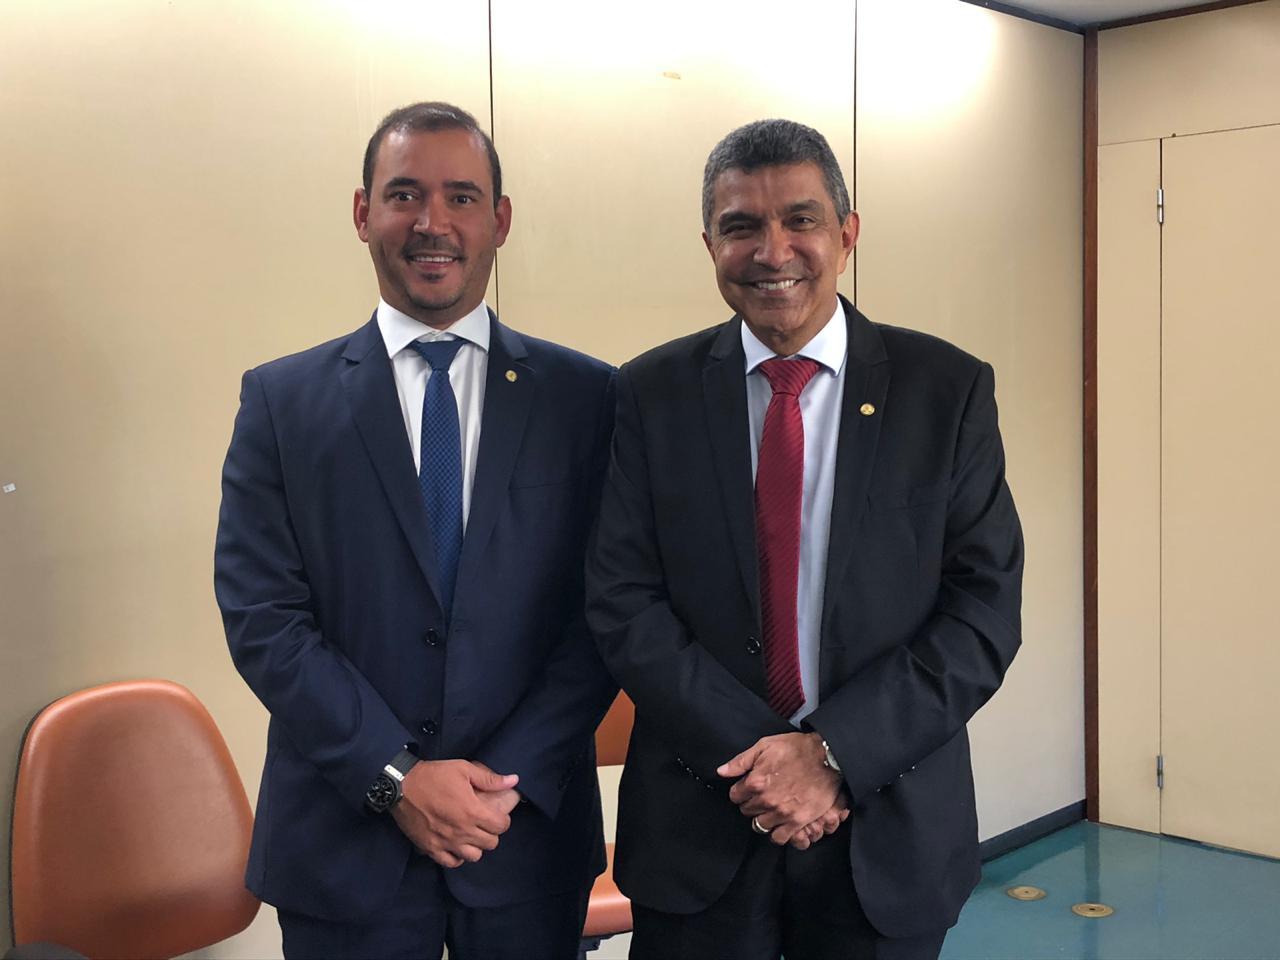 Vicentinho Júnior é designado relator de Subcomissão para tratar de conclusão de obras inacabadas do governo federal e priorizará BRs 355 e 342